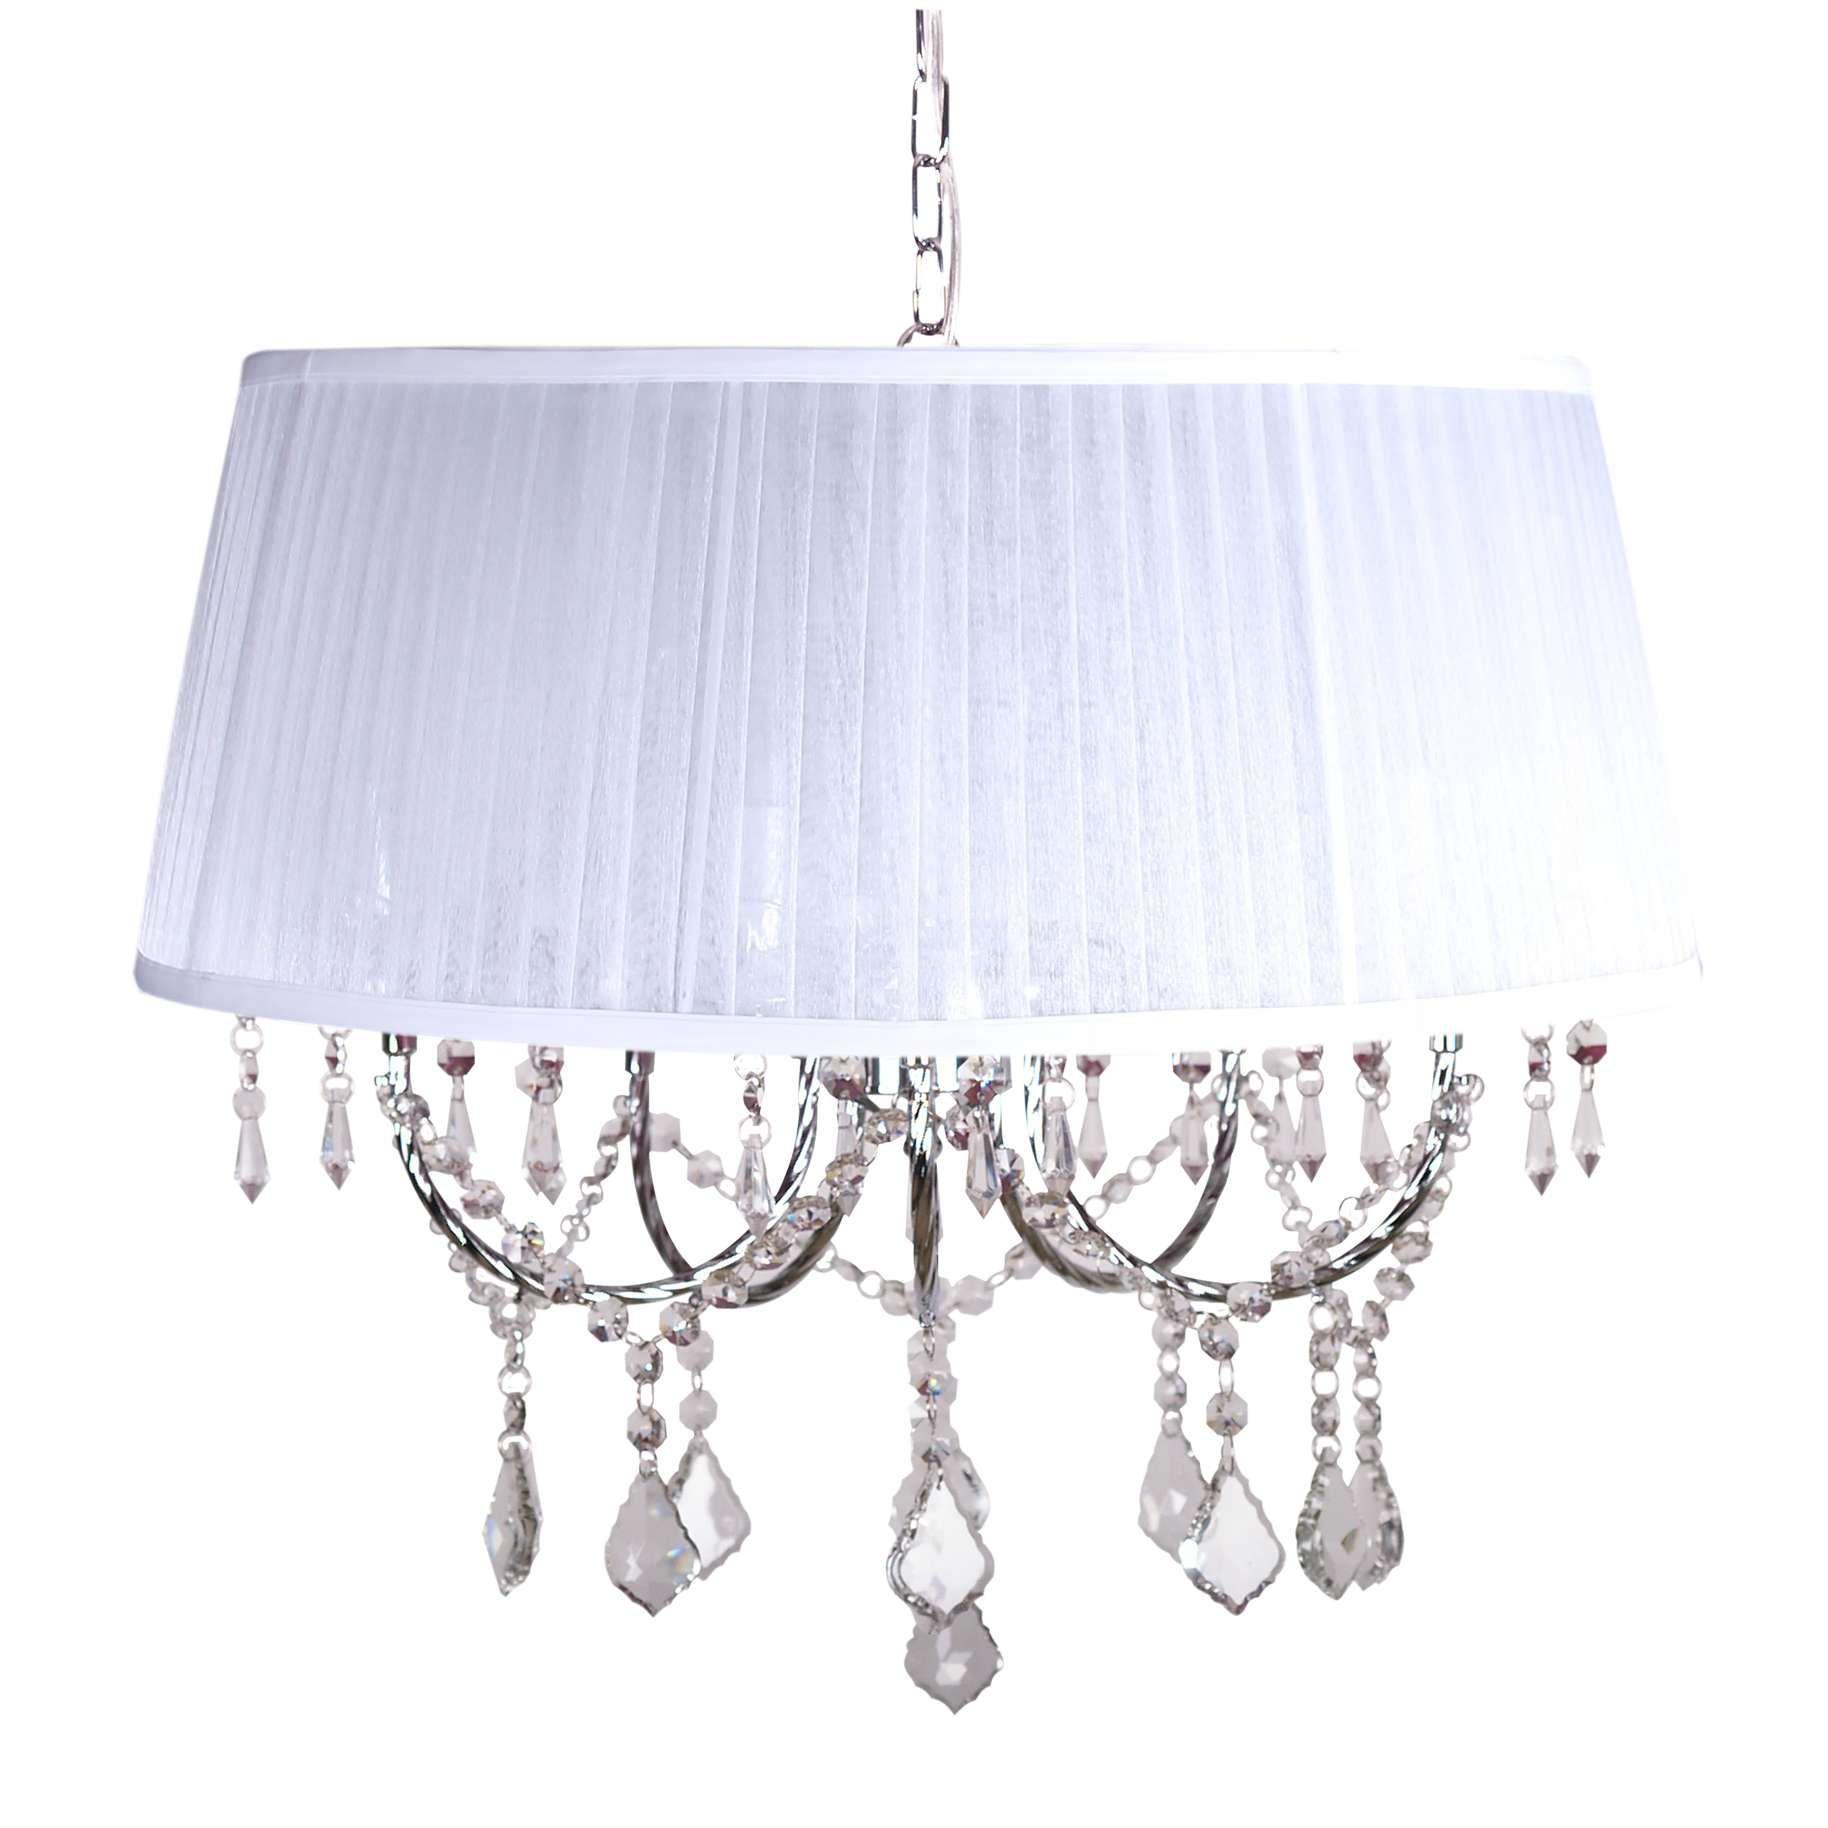 Biała abażurowa lampa z kryształkami będzie idealnym uzupełnieniem wymarzonej przez ciebie aranżacji mlamp